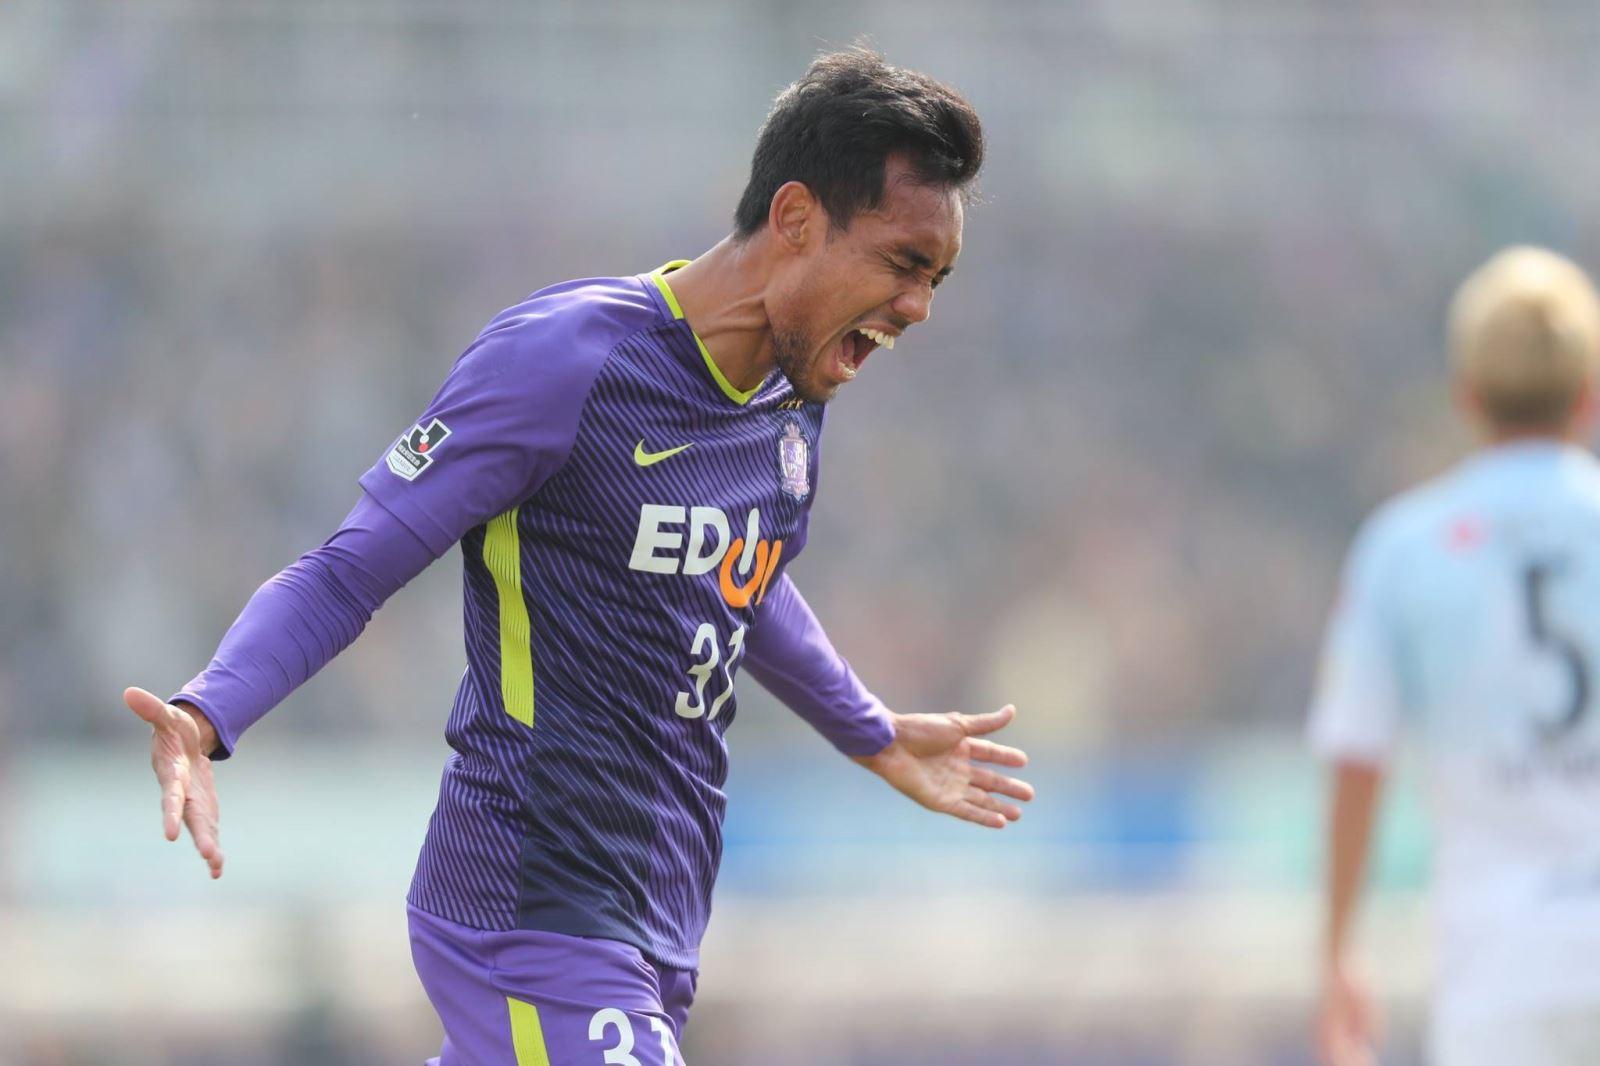 Tiền đạo Thái Lan lập kỷ lục ở Nhật Bản, Quảng Nam bỏ túi nửa tỷ đồng sau Siêu Cup